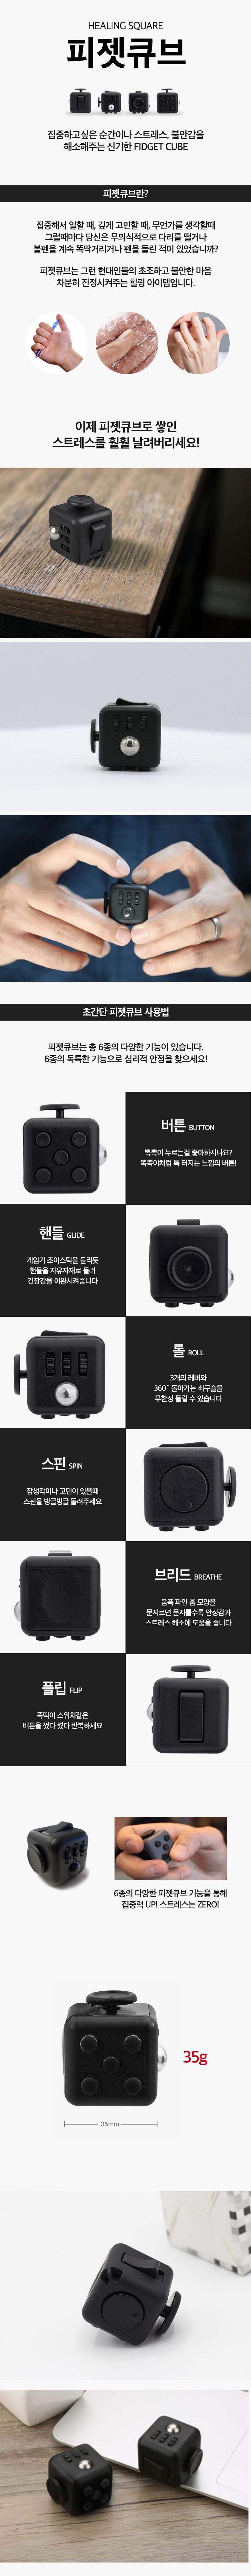 피젯큐브 스트레스큐브 심신안정 키덜트 - 갓샵, 14,900원, 작동완구, 피젯스피너